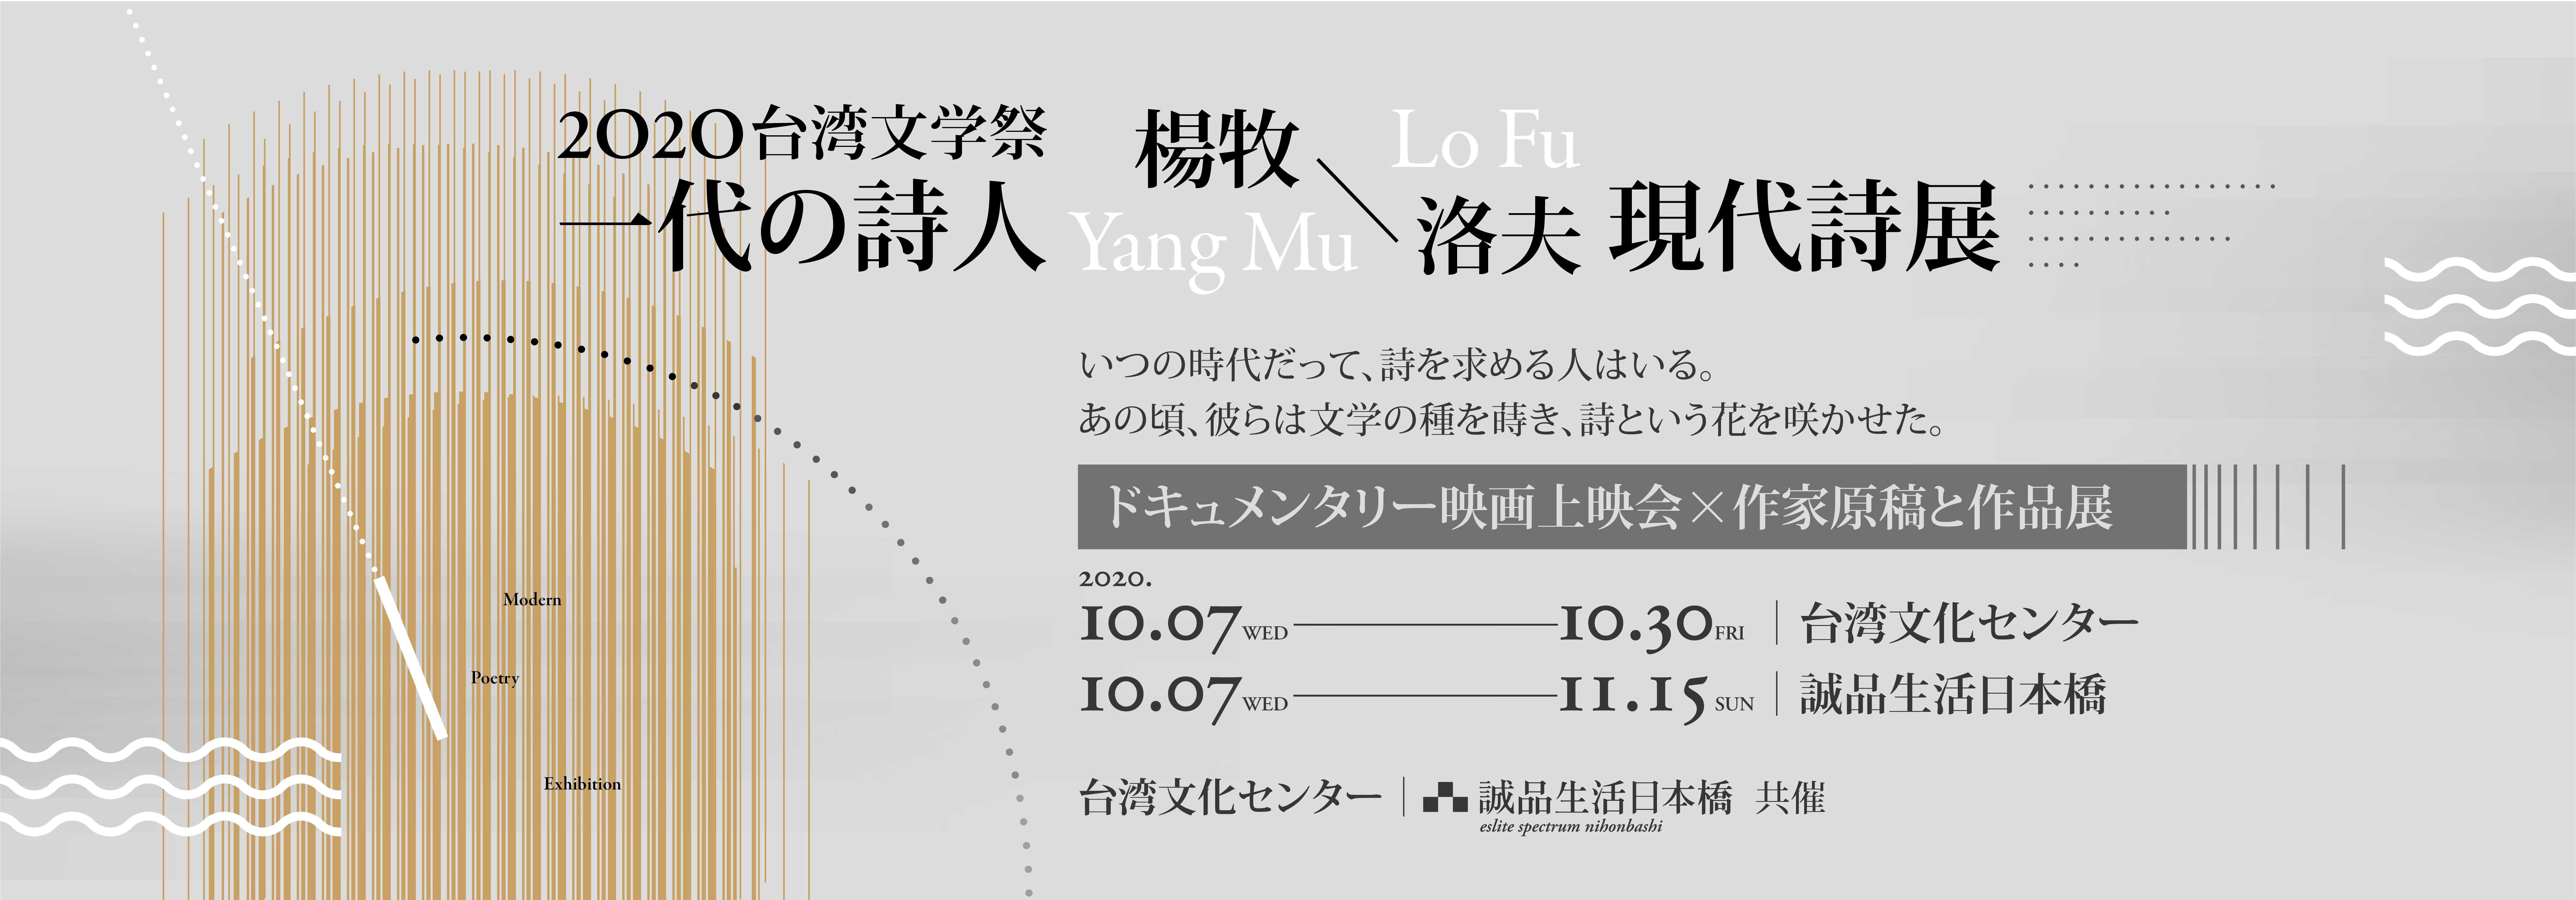 【出版】Culture Meeting 文活 in 台湾-台湾文学祭 一代の詩人 楊牧 洛夫 現代詩展opennewwindow